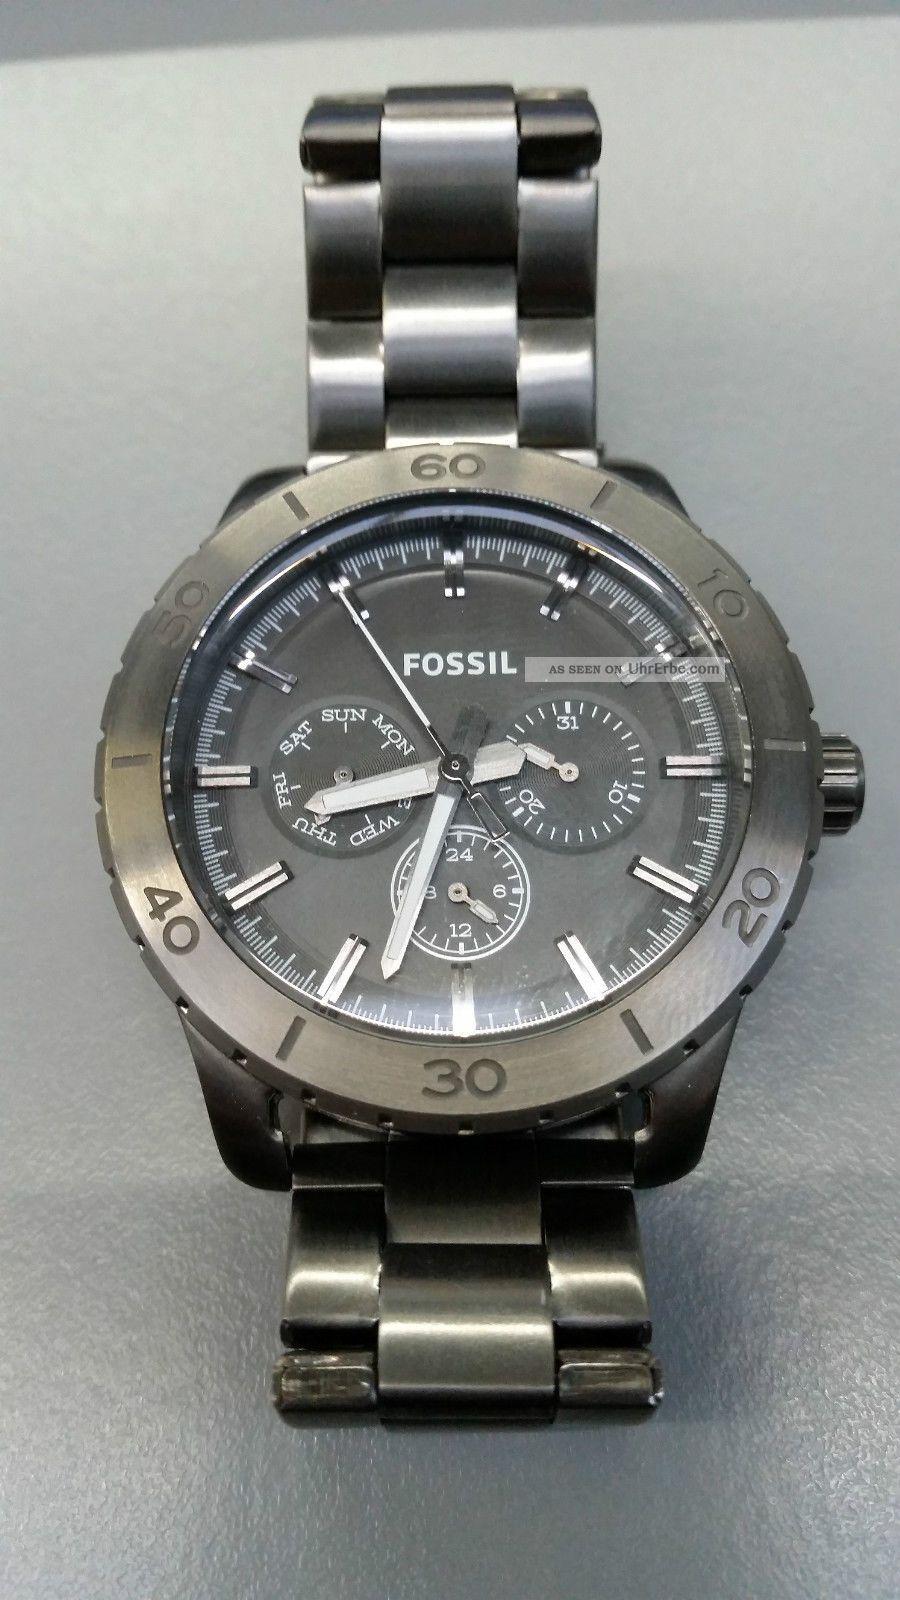 Fossil Uhren Bq 3030 1057 All Stainless Steel Bild